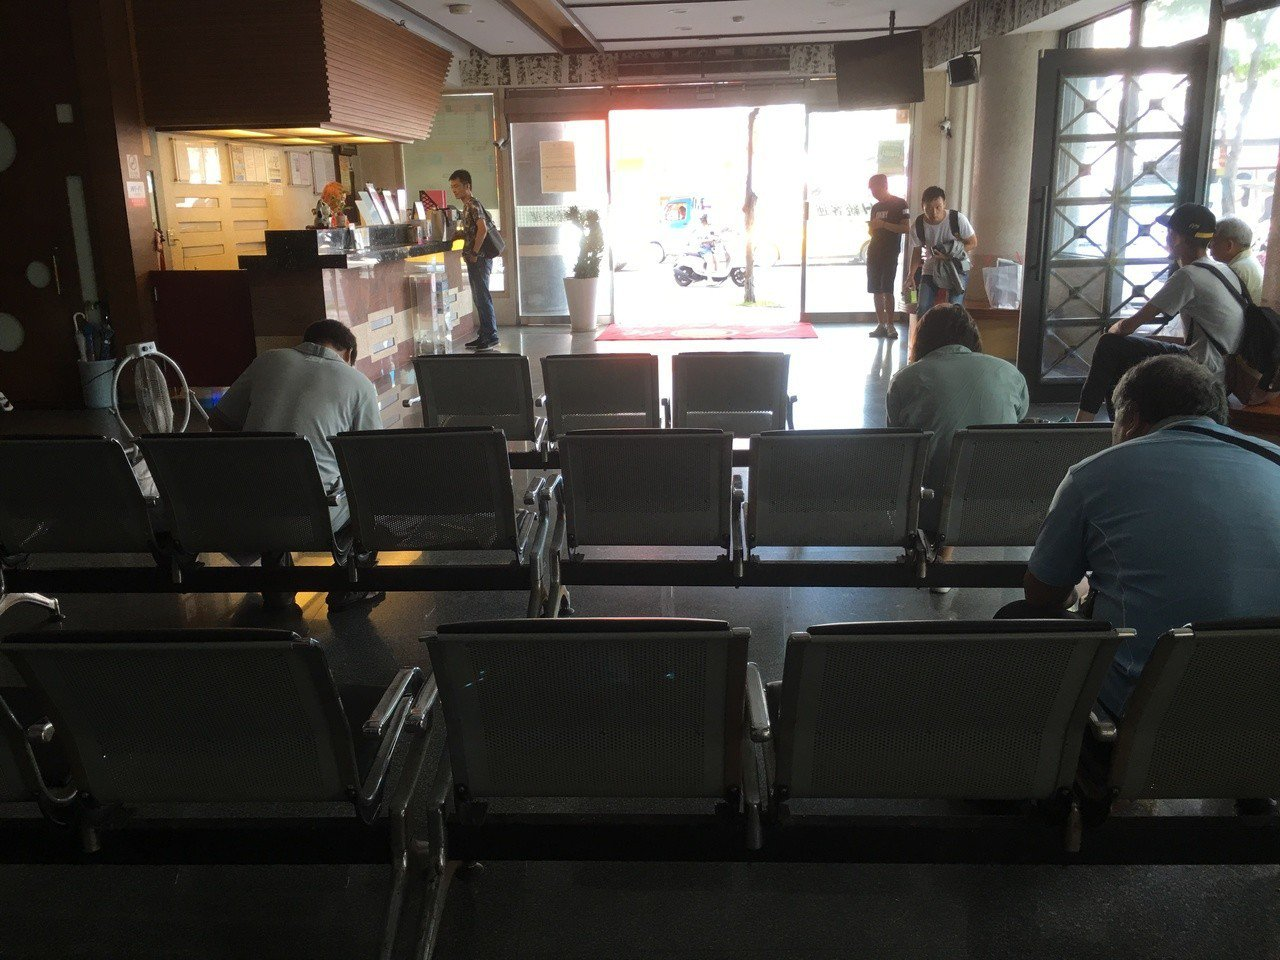 國道客運日統客運驚傳可能退場,消息一出讓許多雲林乘客吃驚。記者陳雅玲/攝影